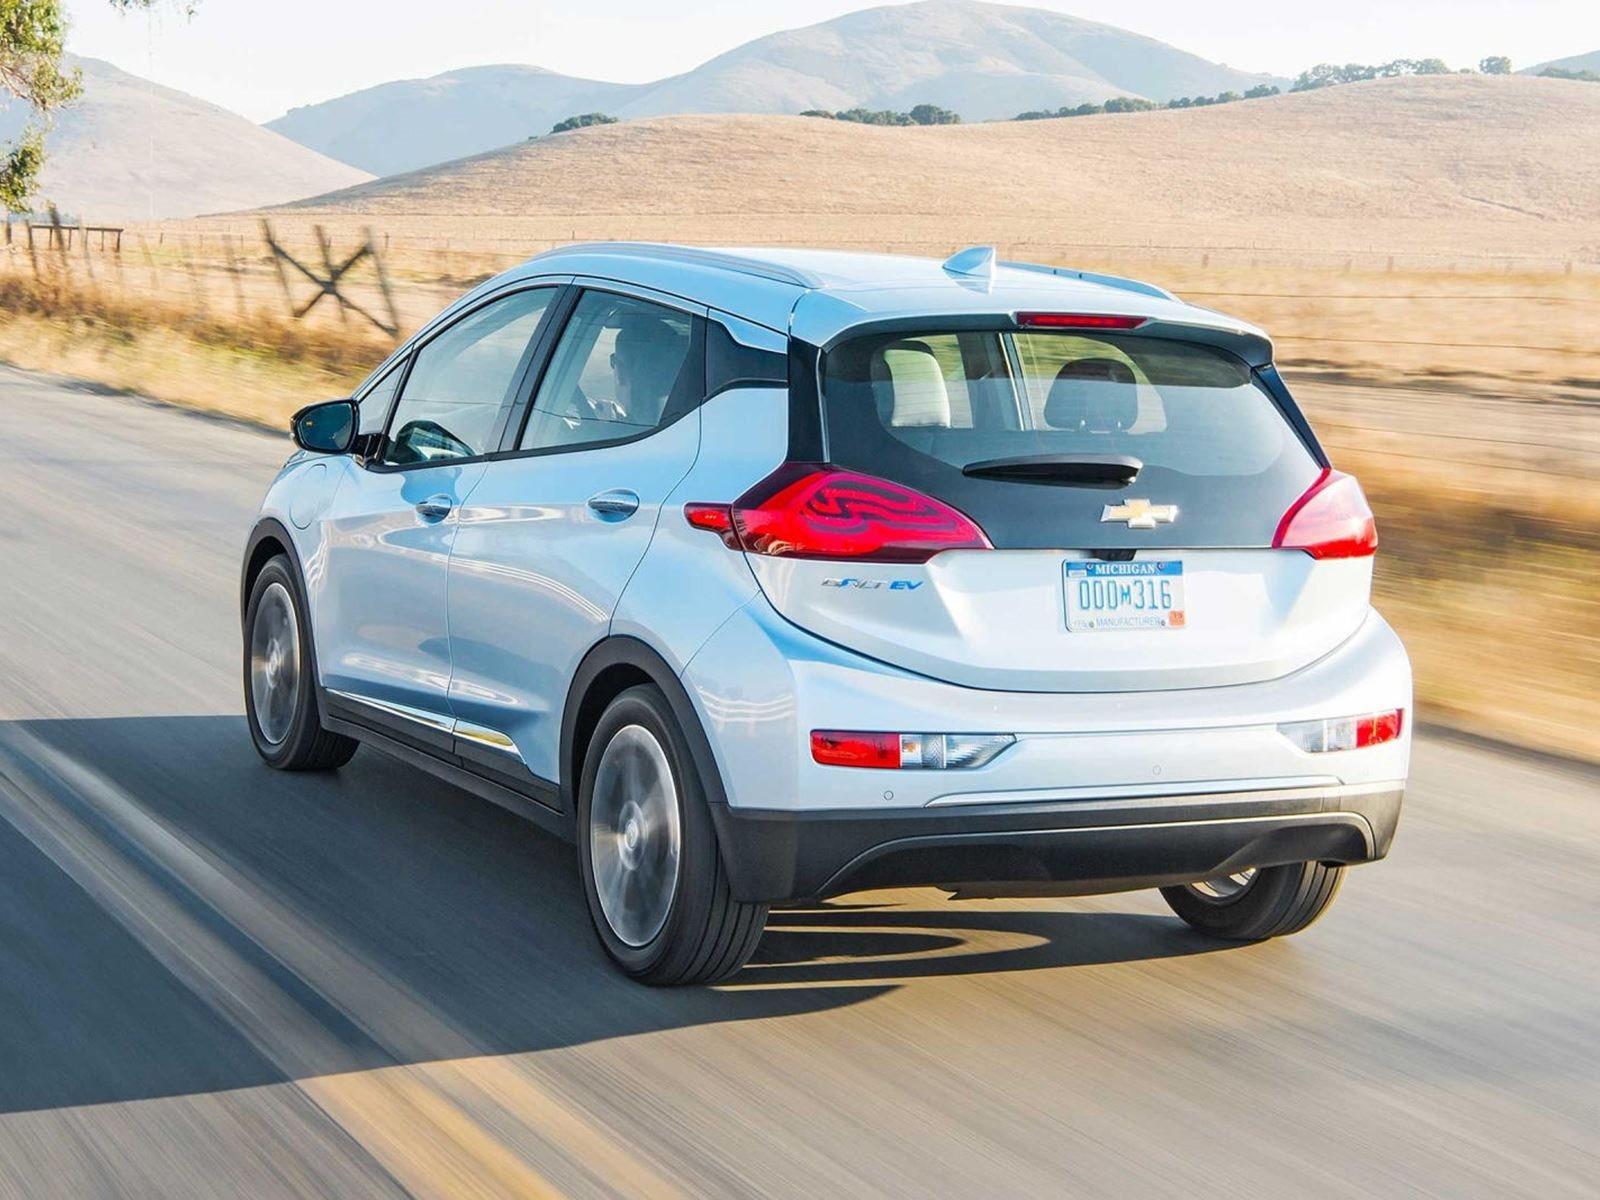 Восьмилетний производственный цикл для автомобиля - невероятно длинный период для сегодняшних стандартов, поэтому эти слухи кажутся нам немного надуманными. Скорее всего, мы увидим обновление раньше. Тем не менее, GM начнет выпускать обновления прогр